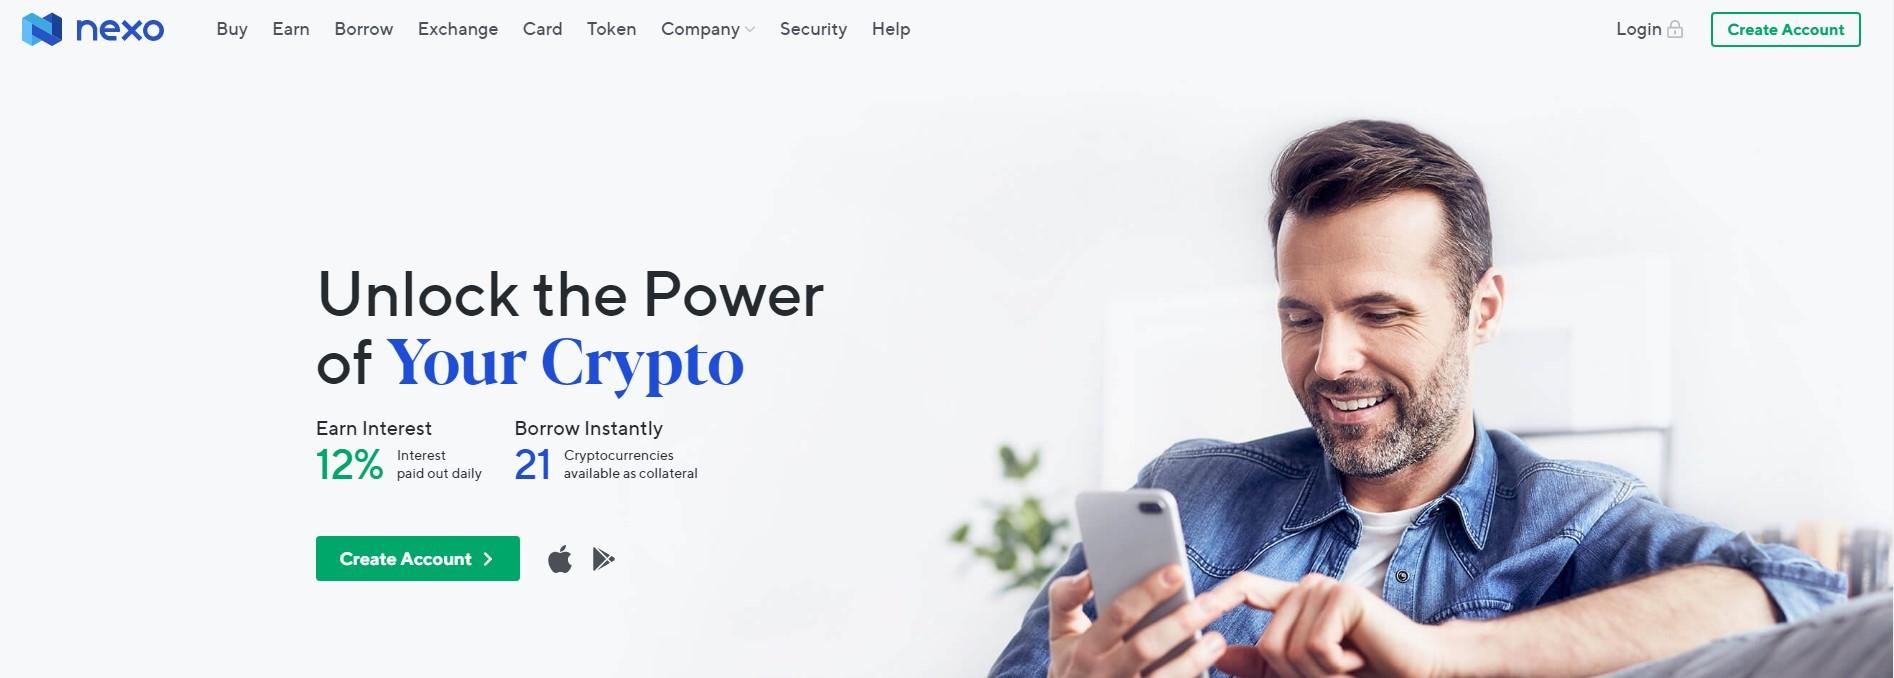 Nexo homepage